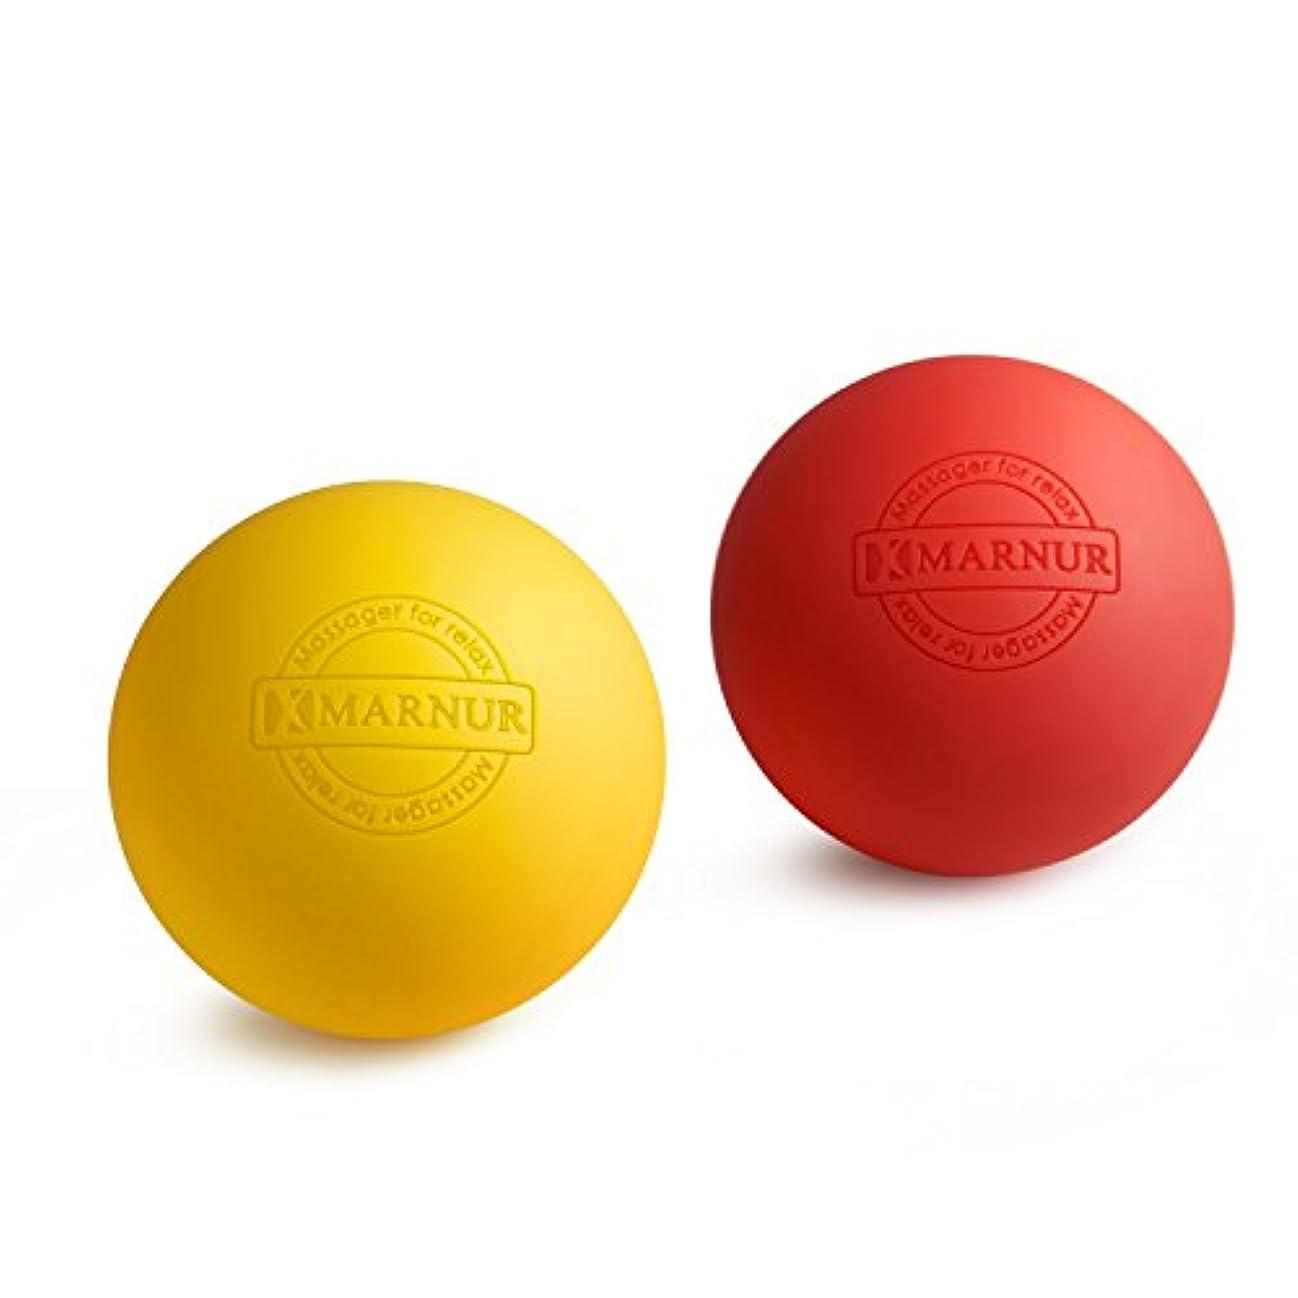 あなたはうんざり地震MARNUR マッサージボール ストレッチボール トリガーポイント 筋膜リリース トレーニング 背中 肩こり 腰 ふくらはぎ 足裏 ツボ押しグッズ 2で1組み合わせ